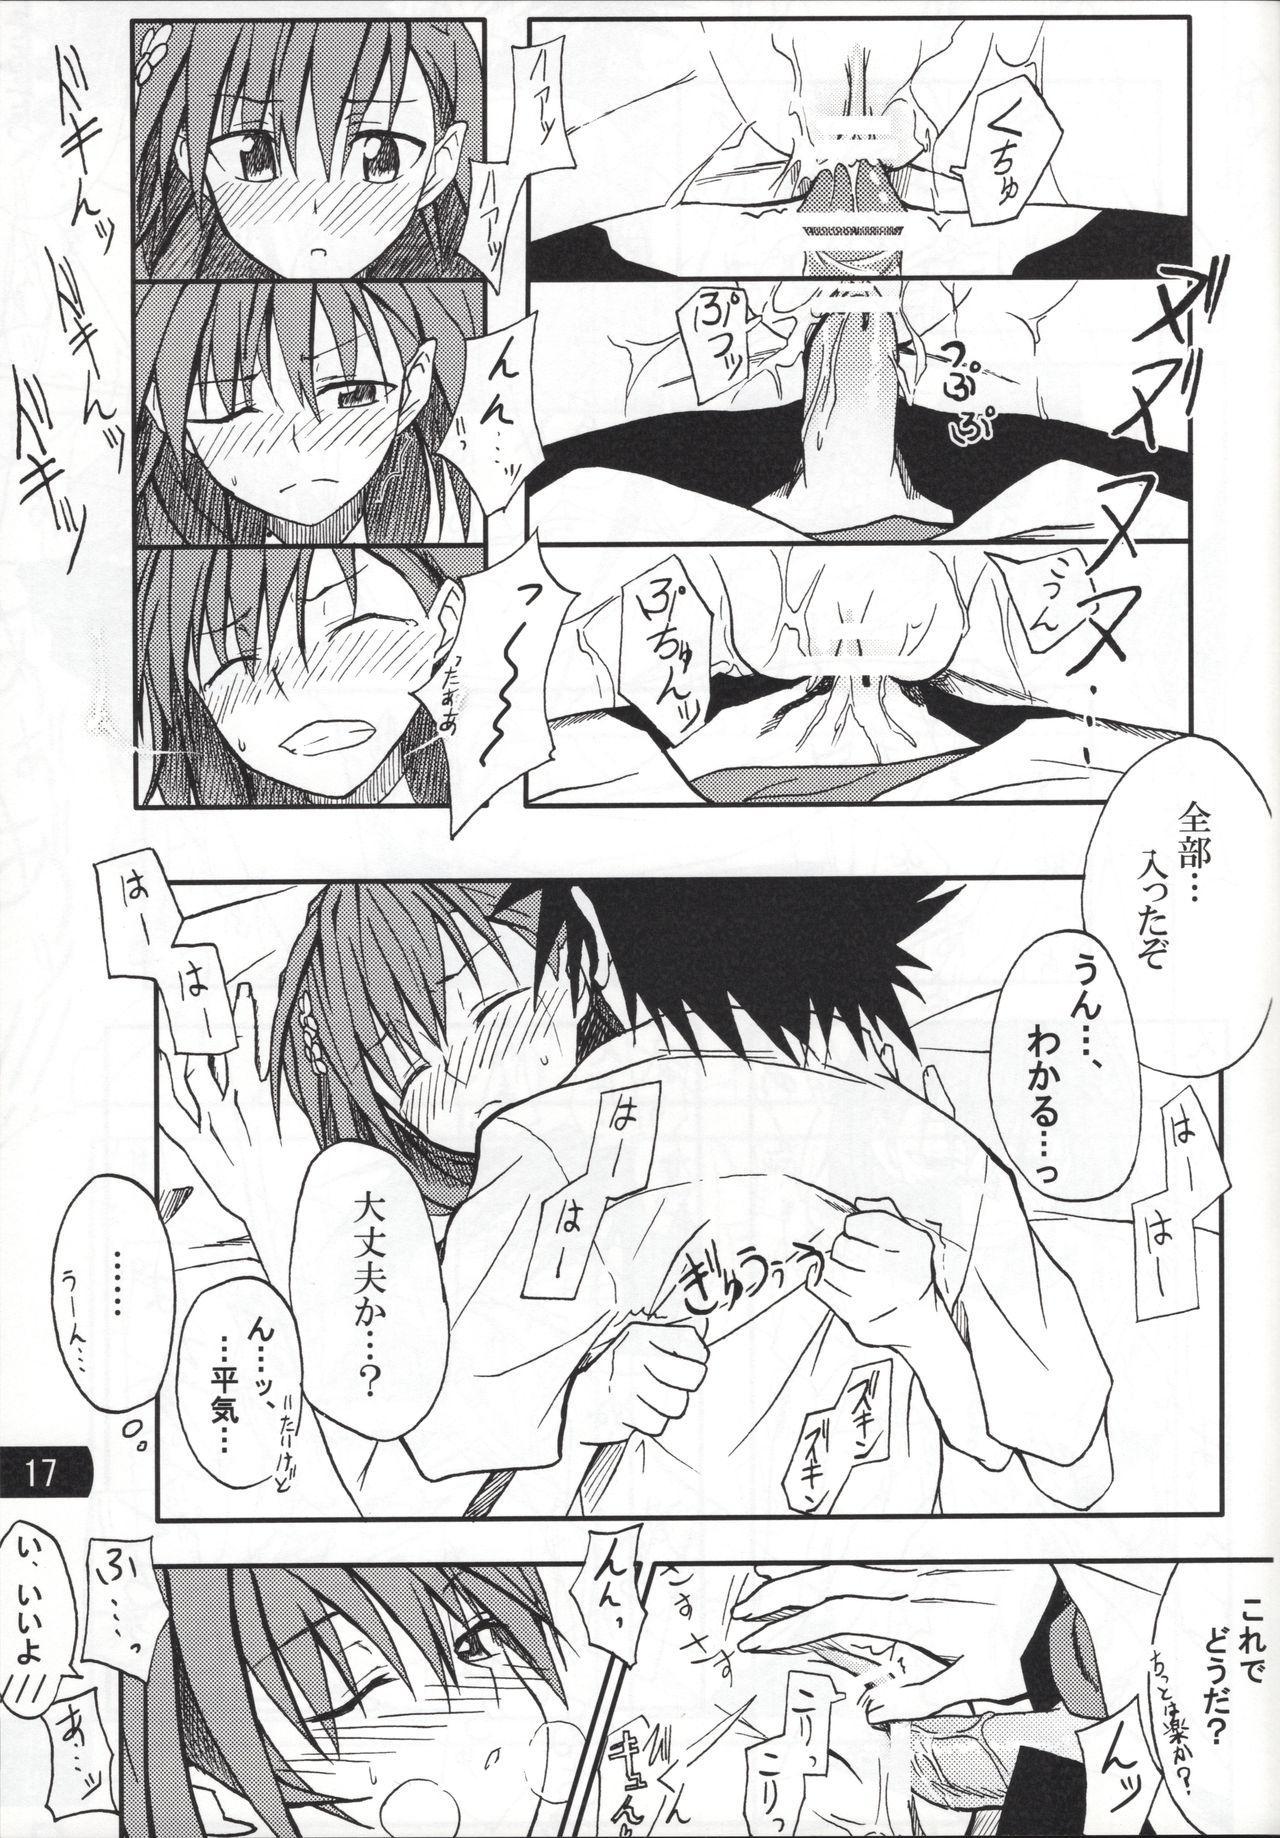 Toaru mousou no chou denji hon 02 15